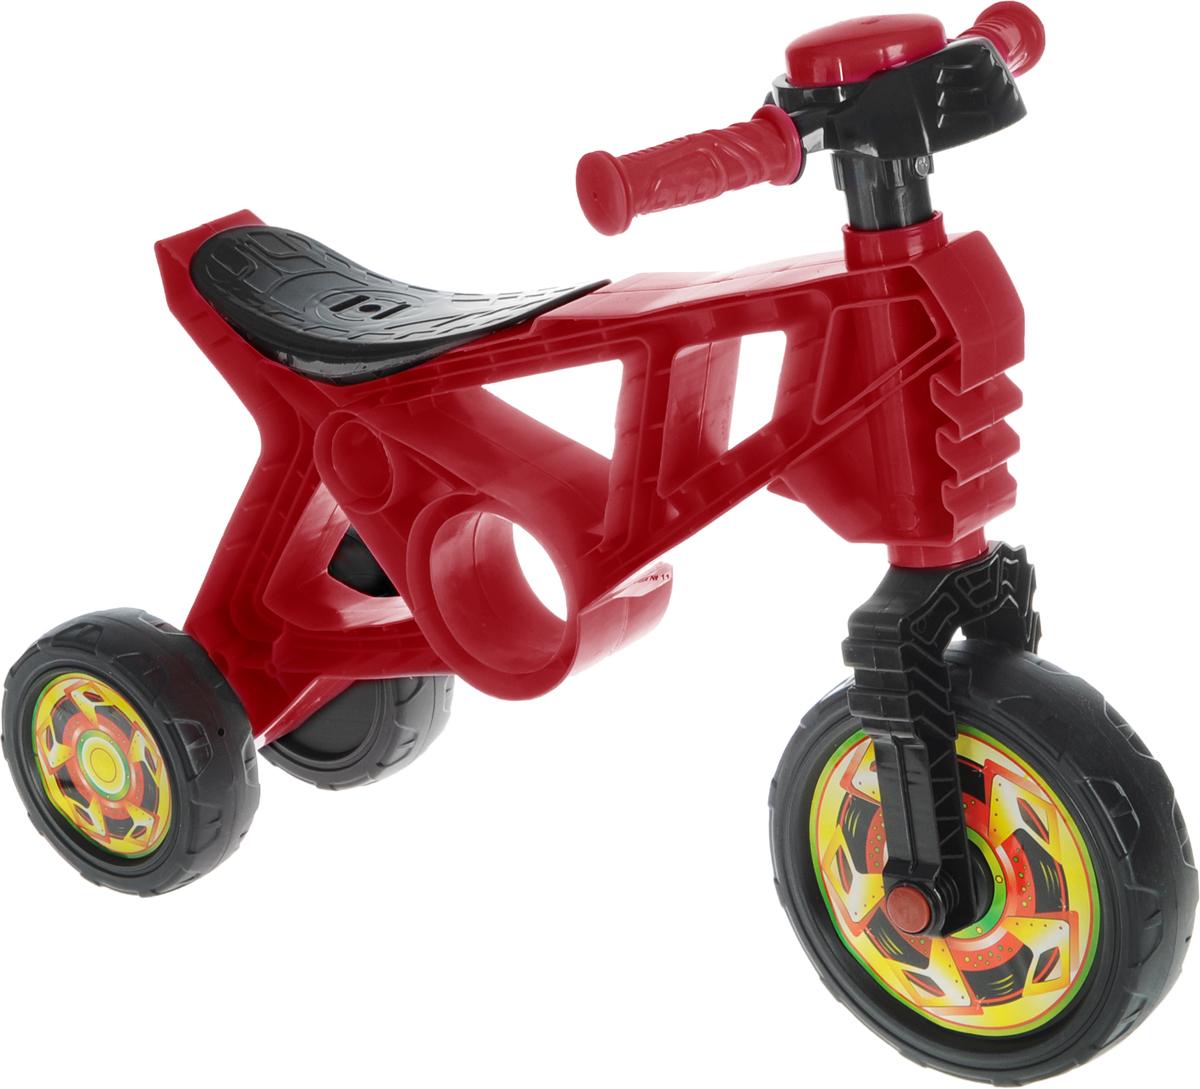 Орион Беговел детский 3-х колесный цвет красный - Беговелы